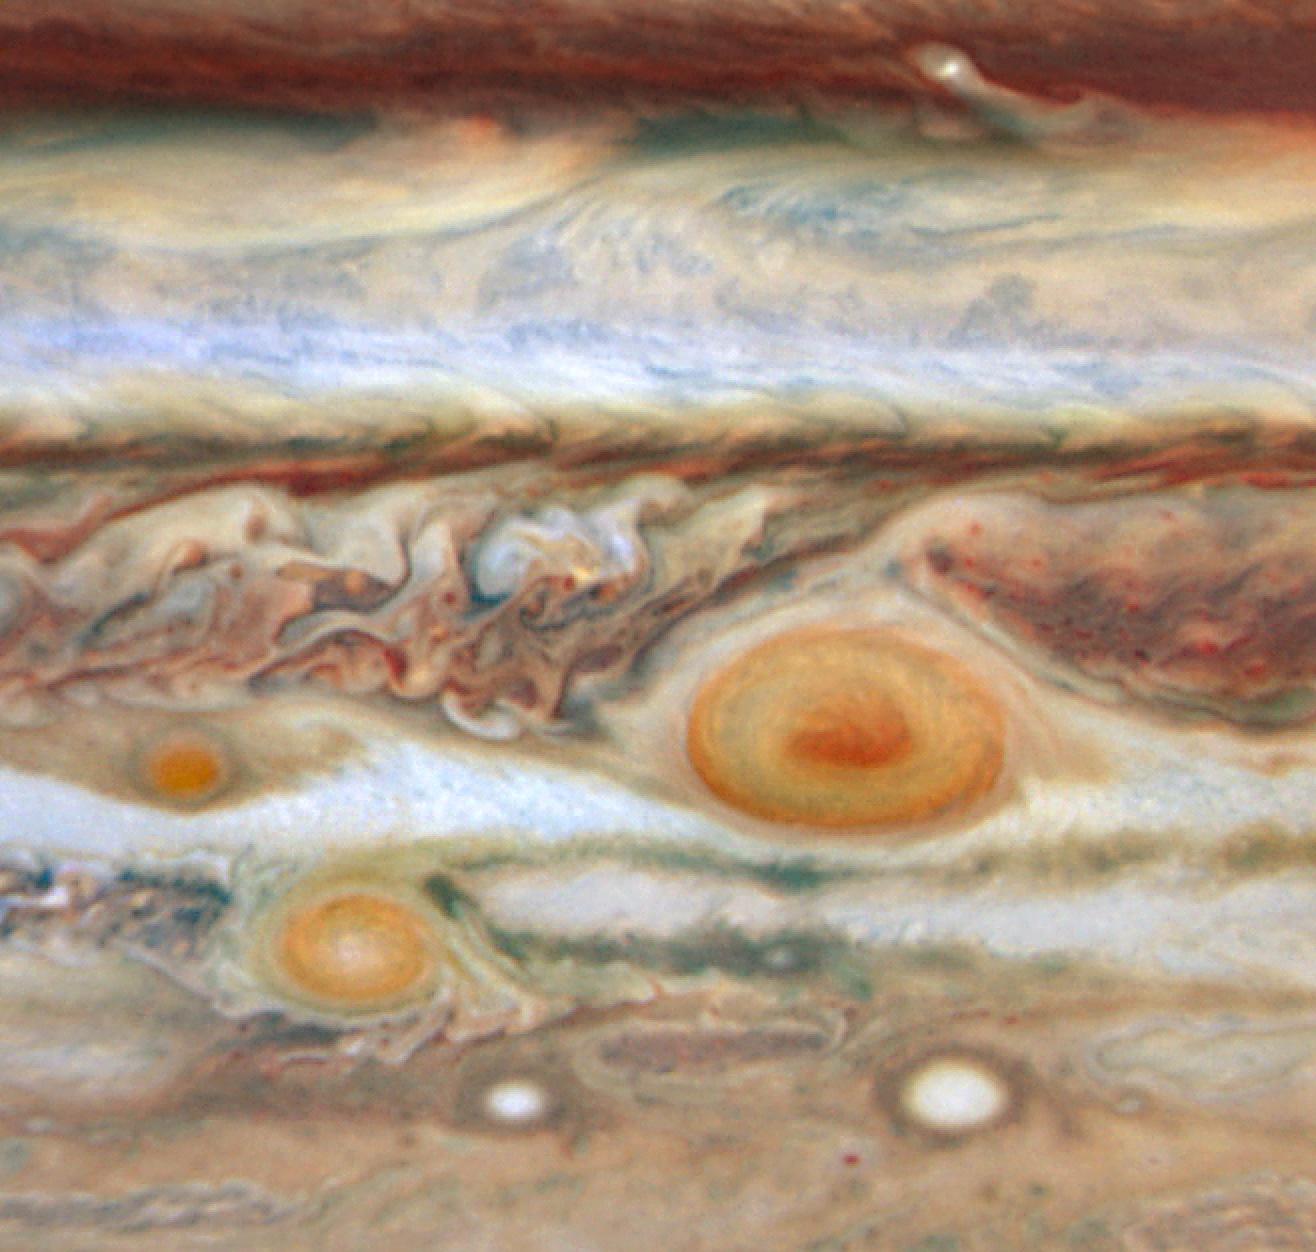 Jupiter's Red Spot